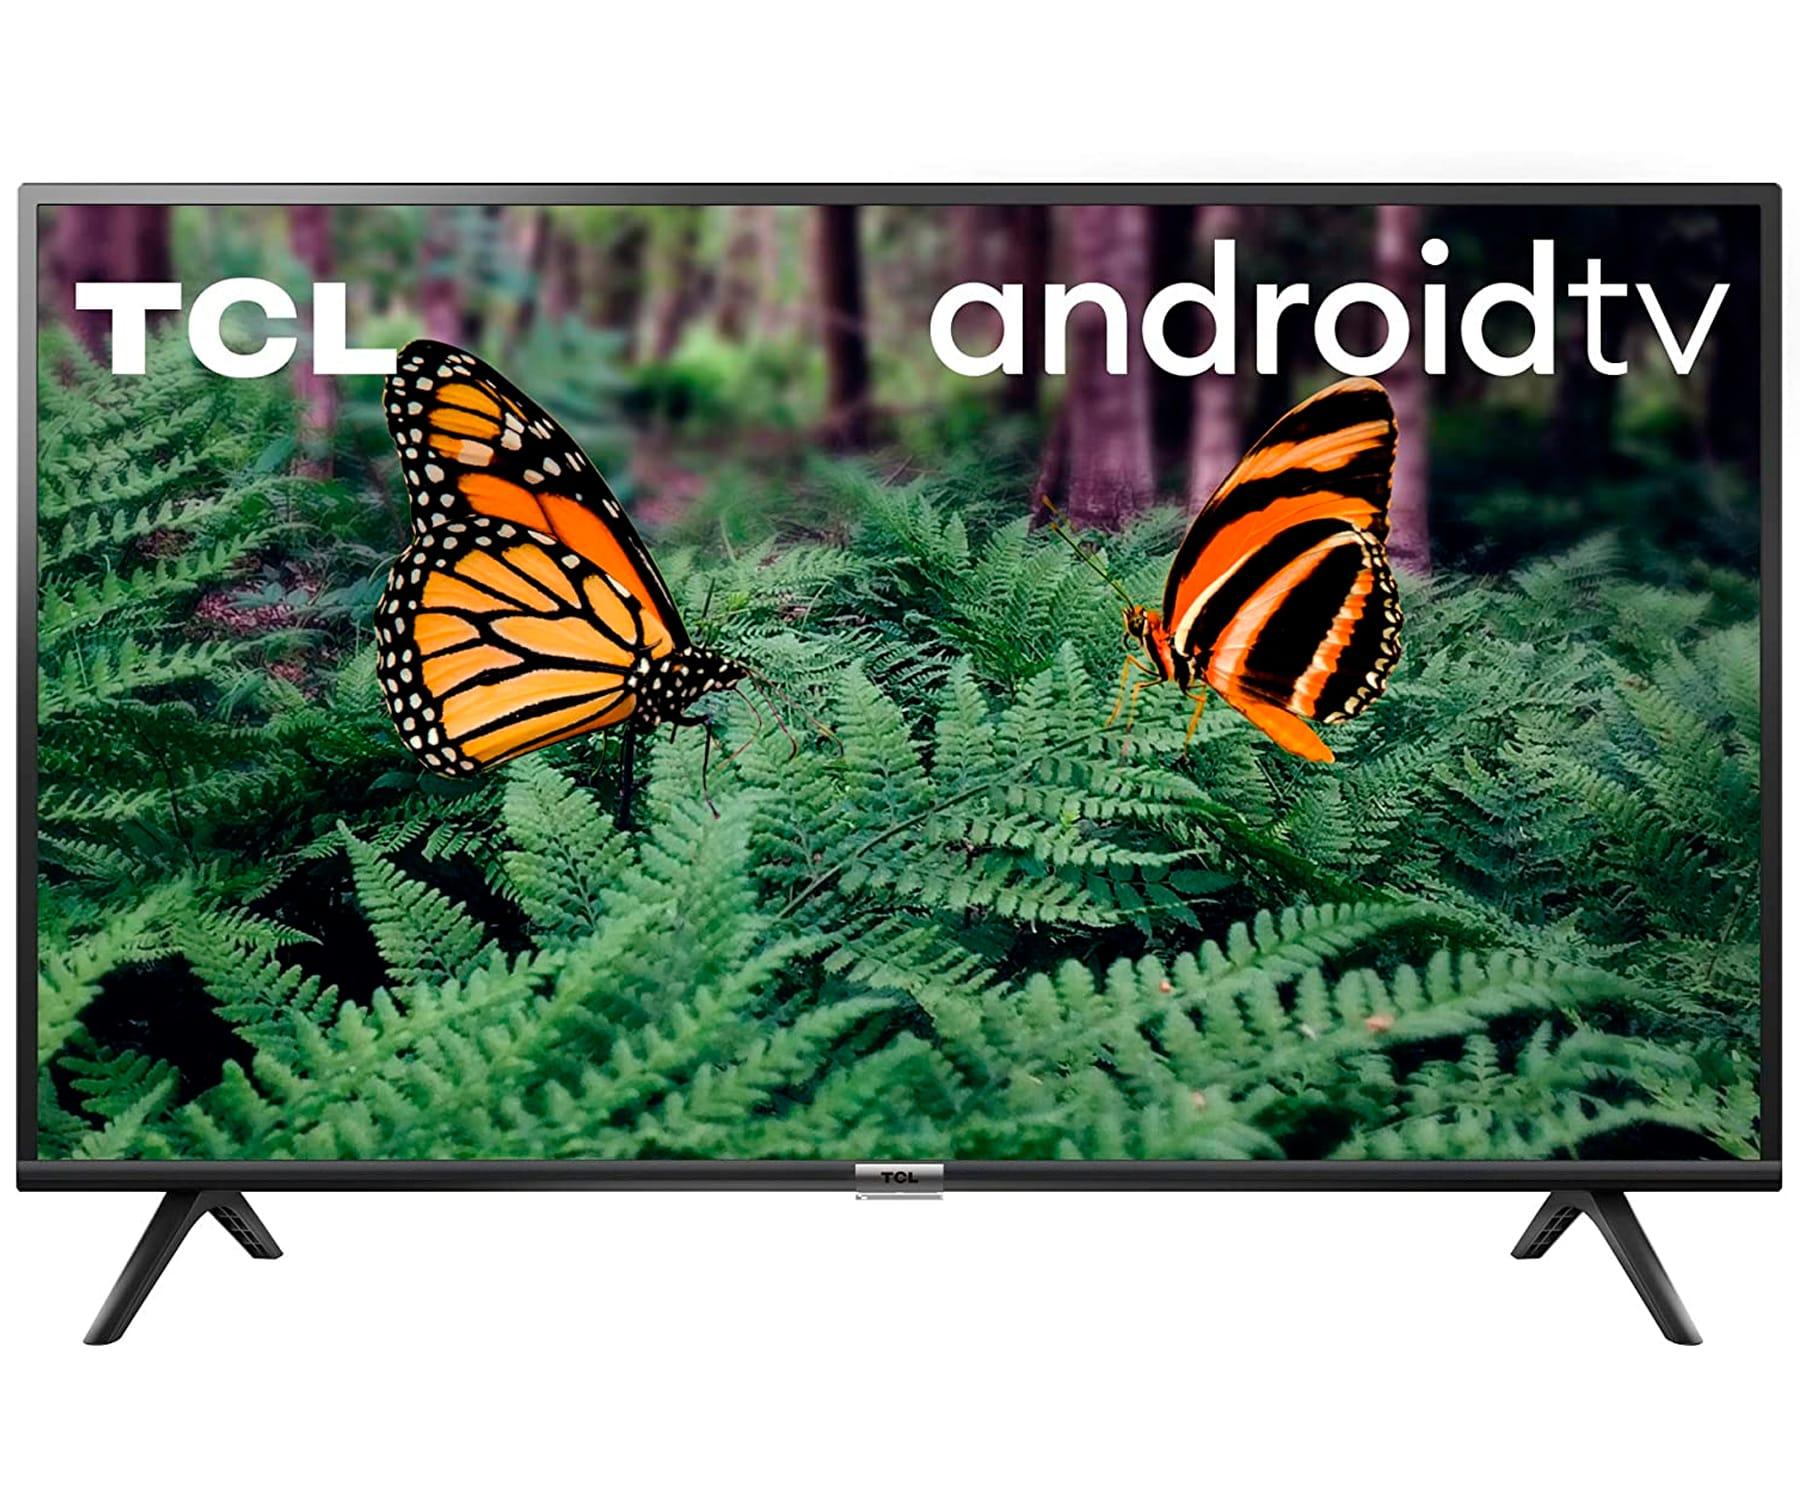 TCL 32ES560 TELEVISOR SMART TV 32'' HD HDR